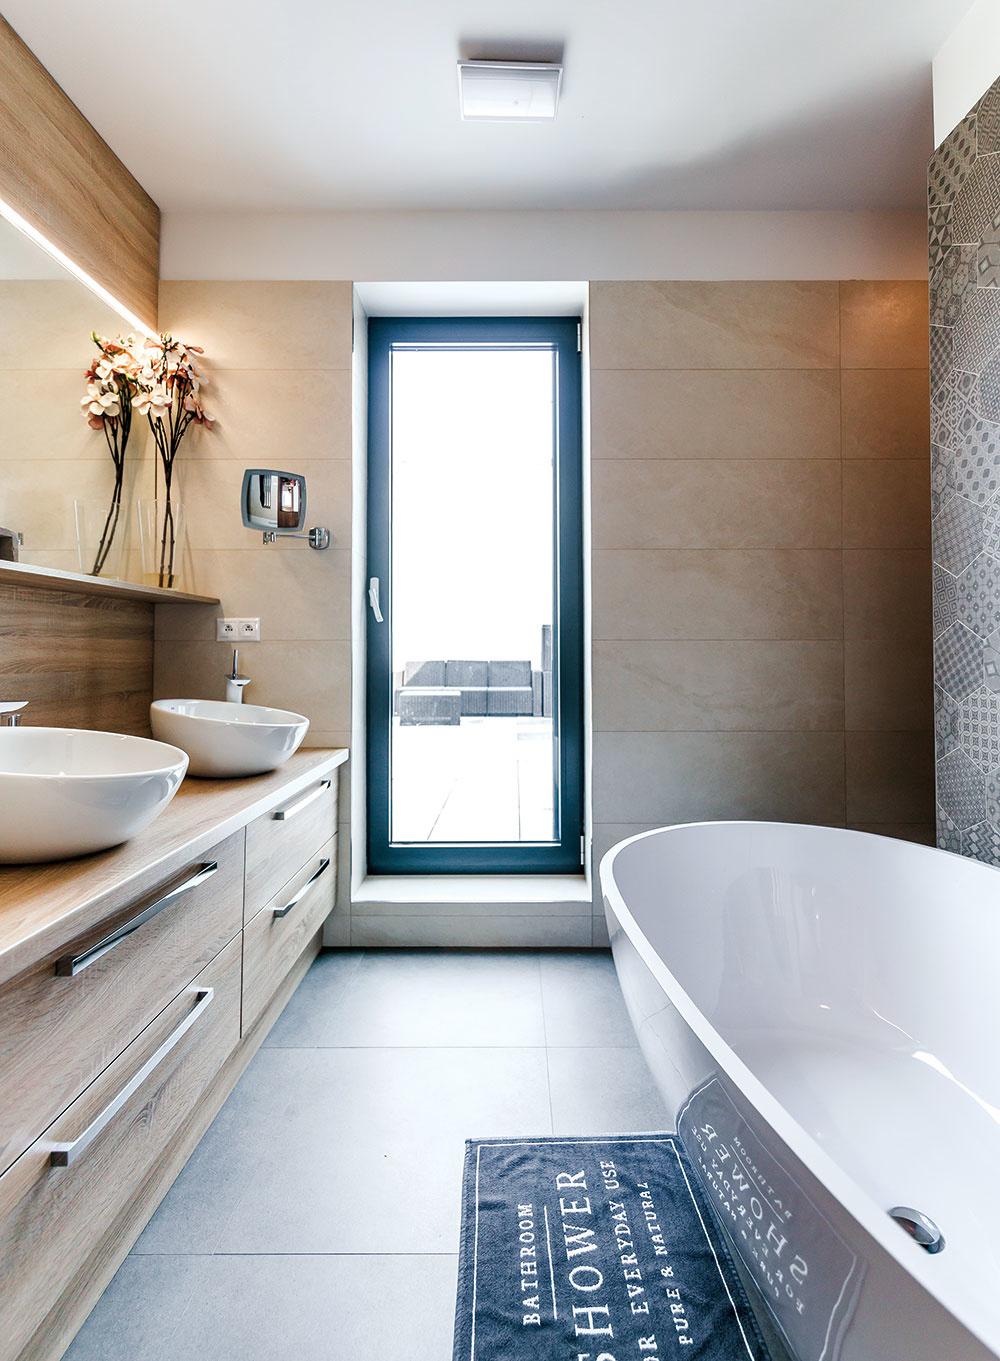 Dostatok miesta sa našlo aj na samostatne stojacu vaňu, ktorá je prístupná z troch strán. Za stenou pri vani je ukrytá z jednej strany sprcha, z druhej toaleta. Vďaka skleneným dverám je tu nielen prístup na terasu, ale aj príjemné denné svetlo a možnosť vetrania.